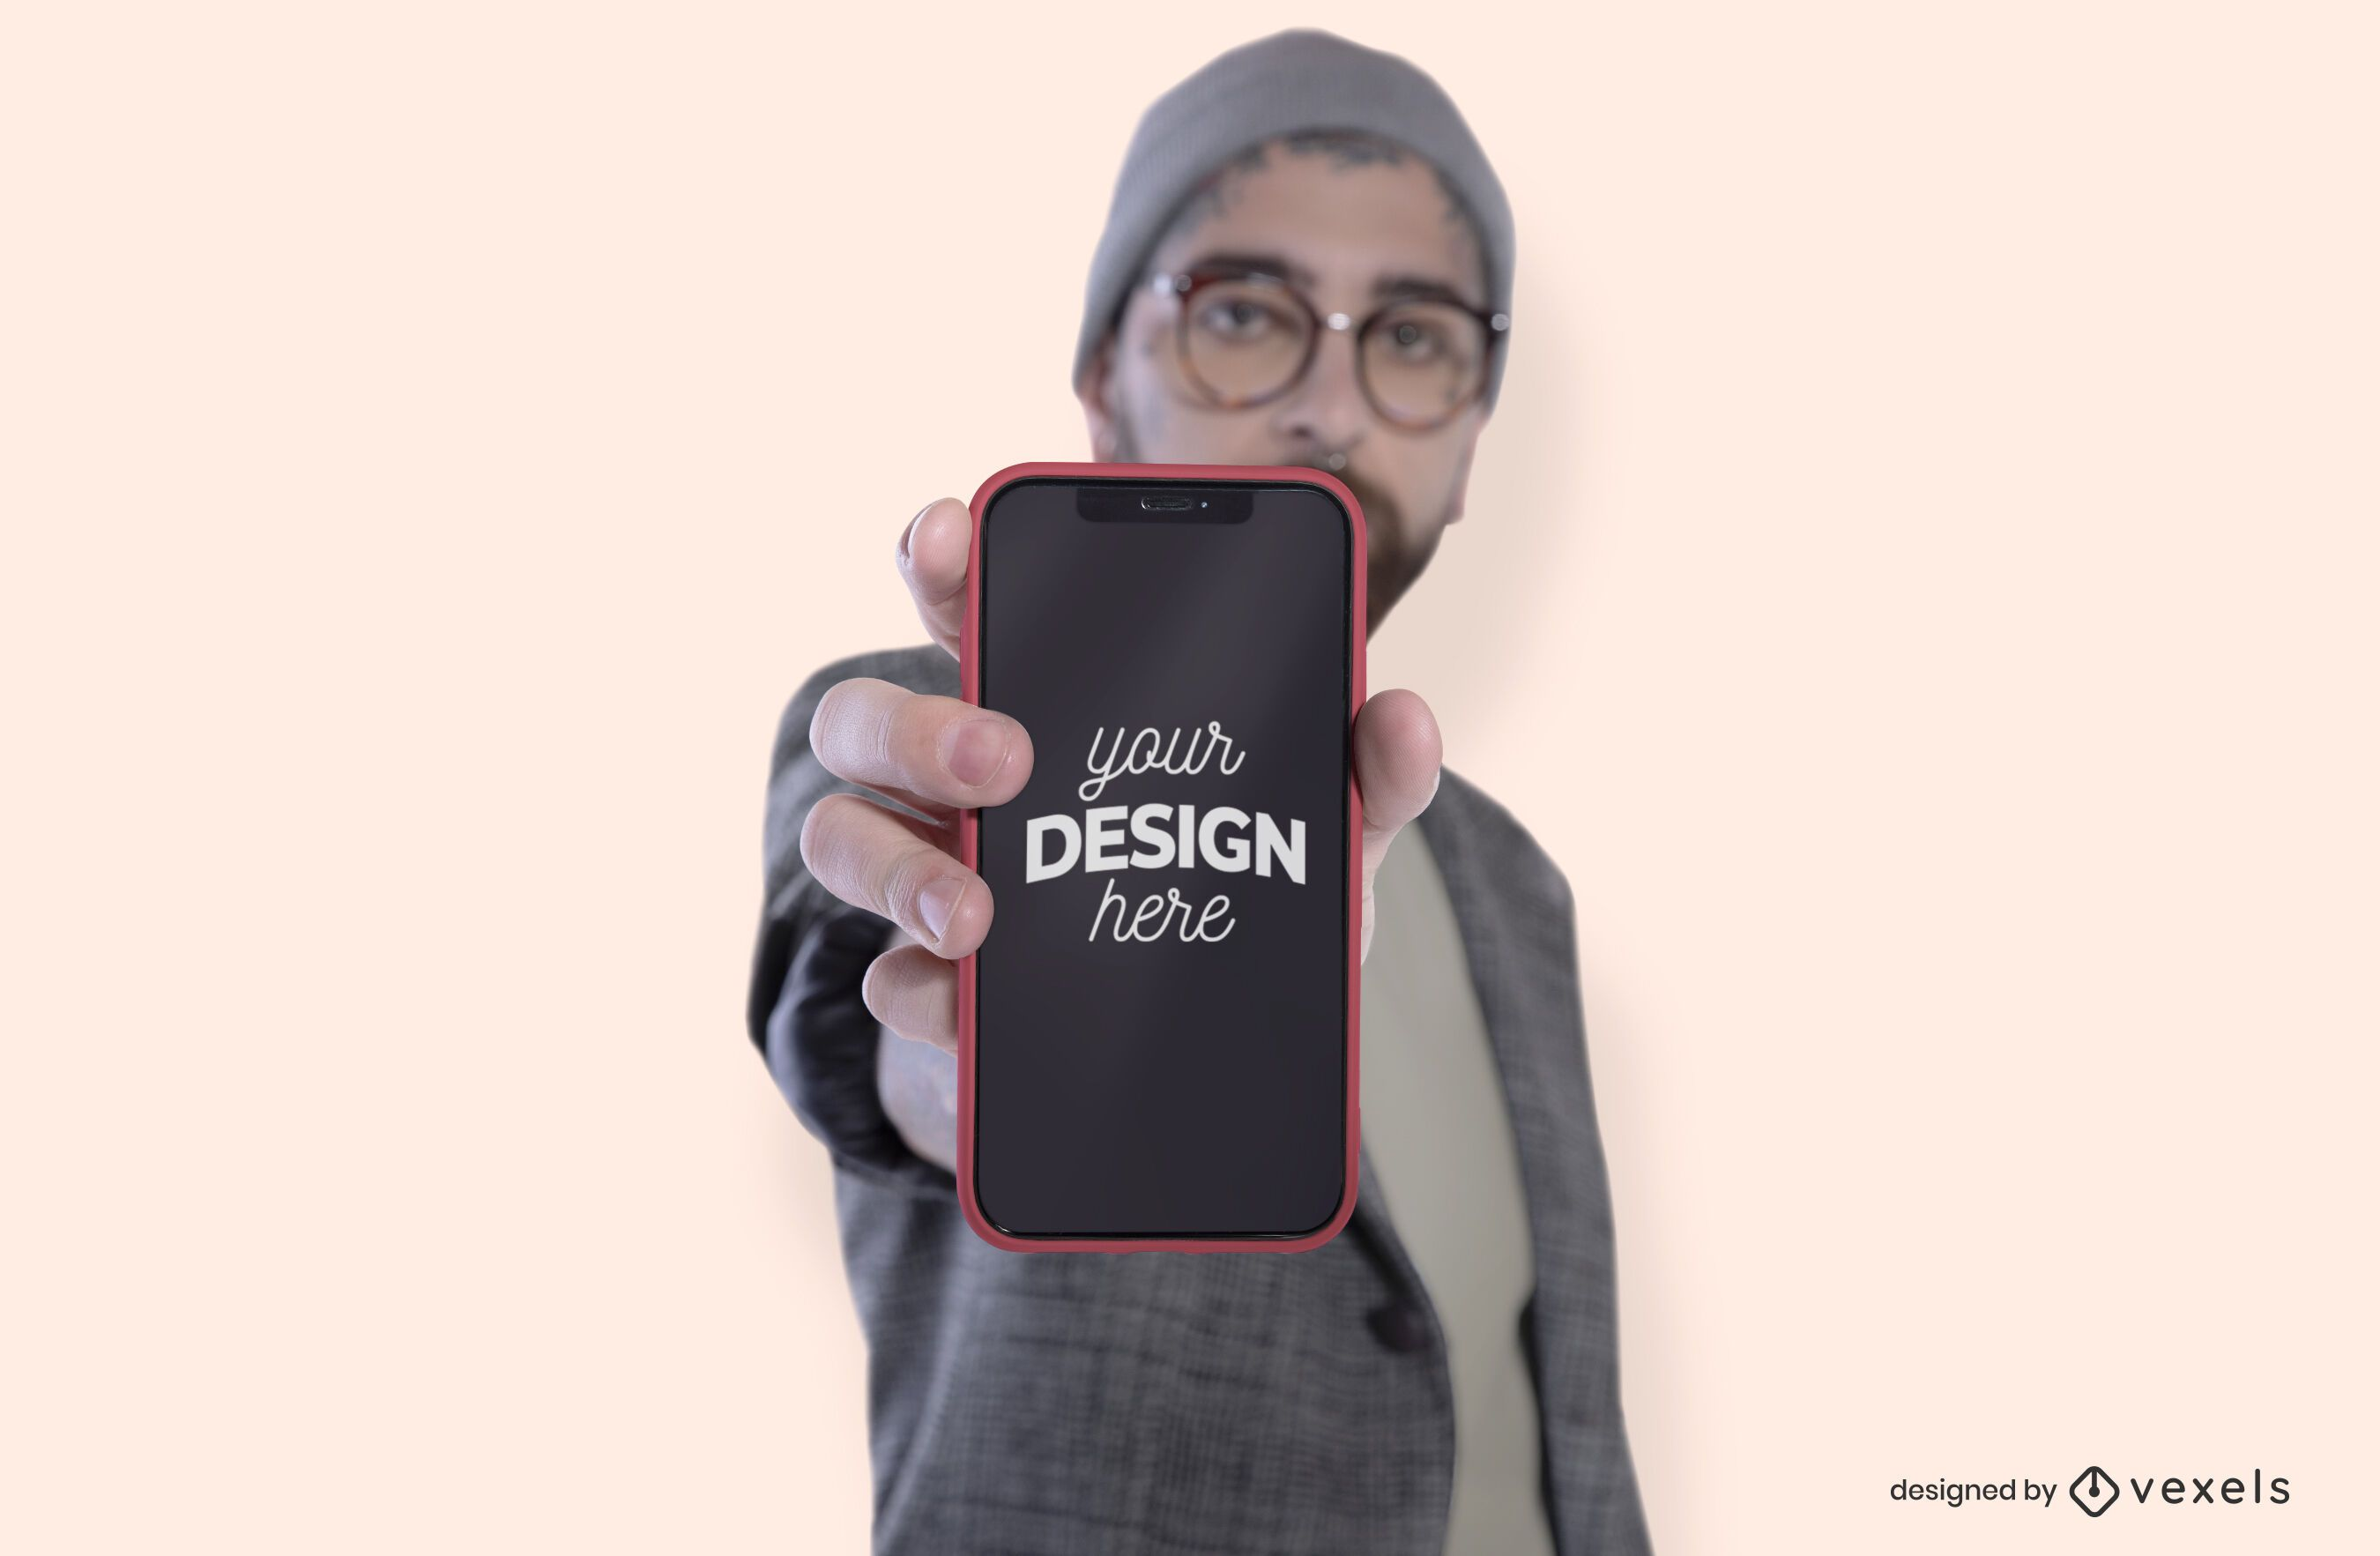 Männliches Modell mit Telefonmodellentwurf